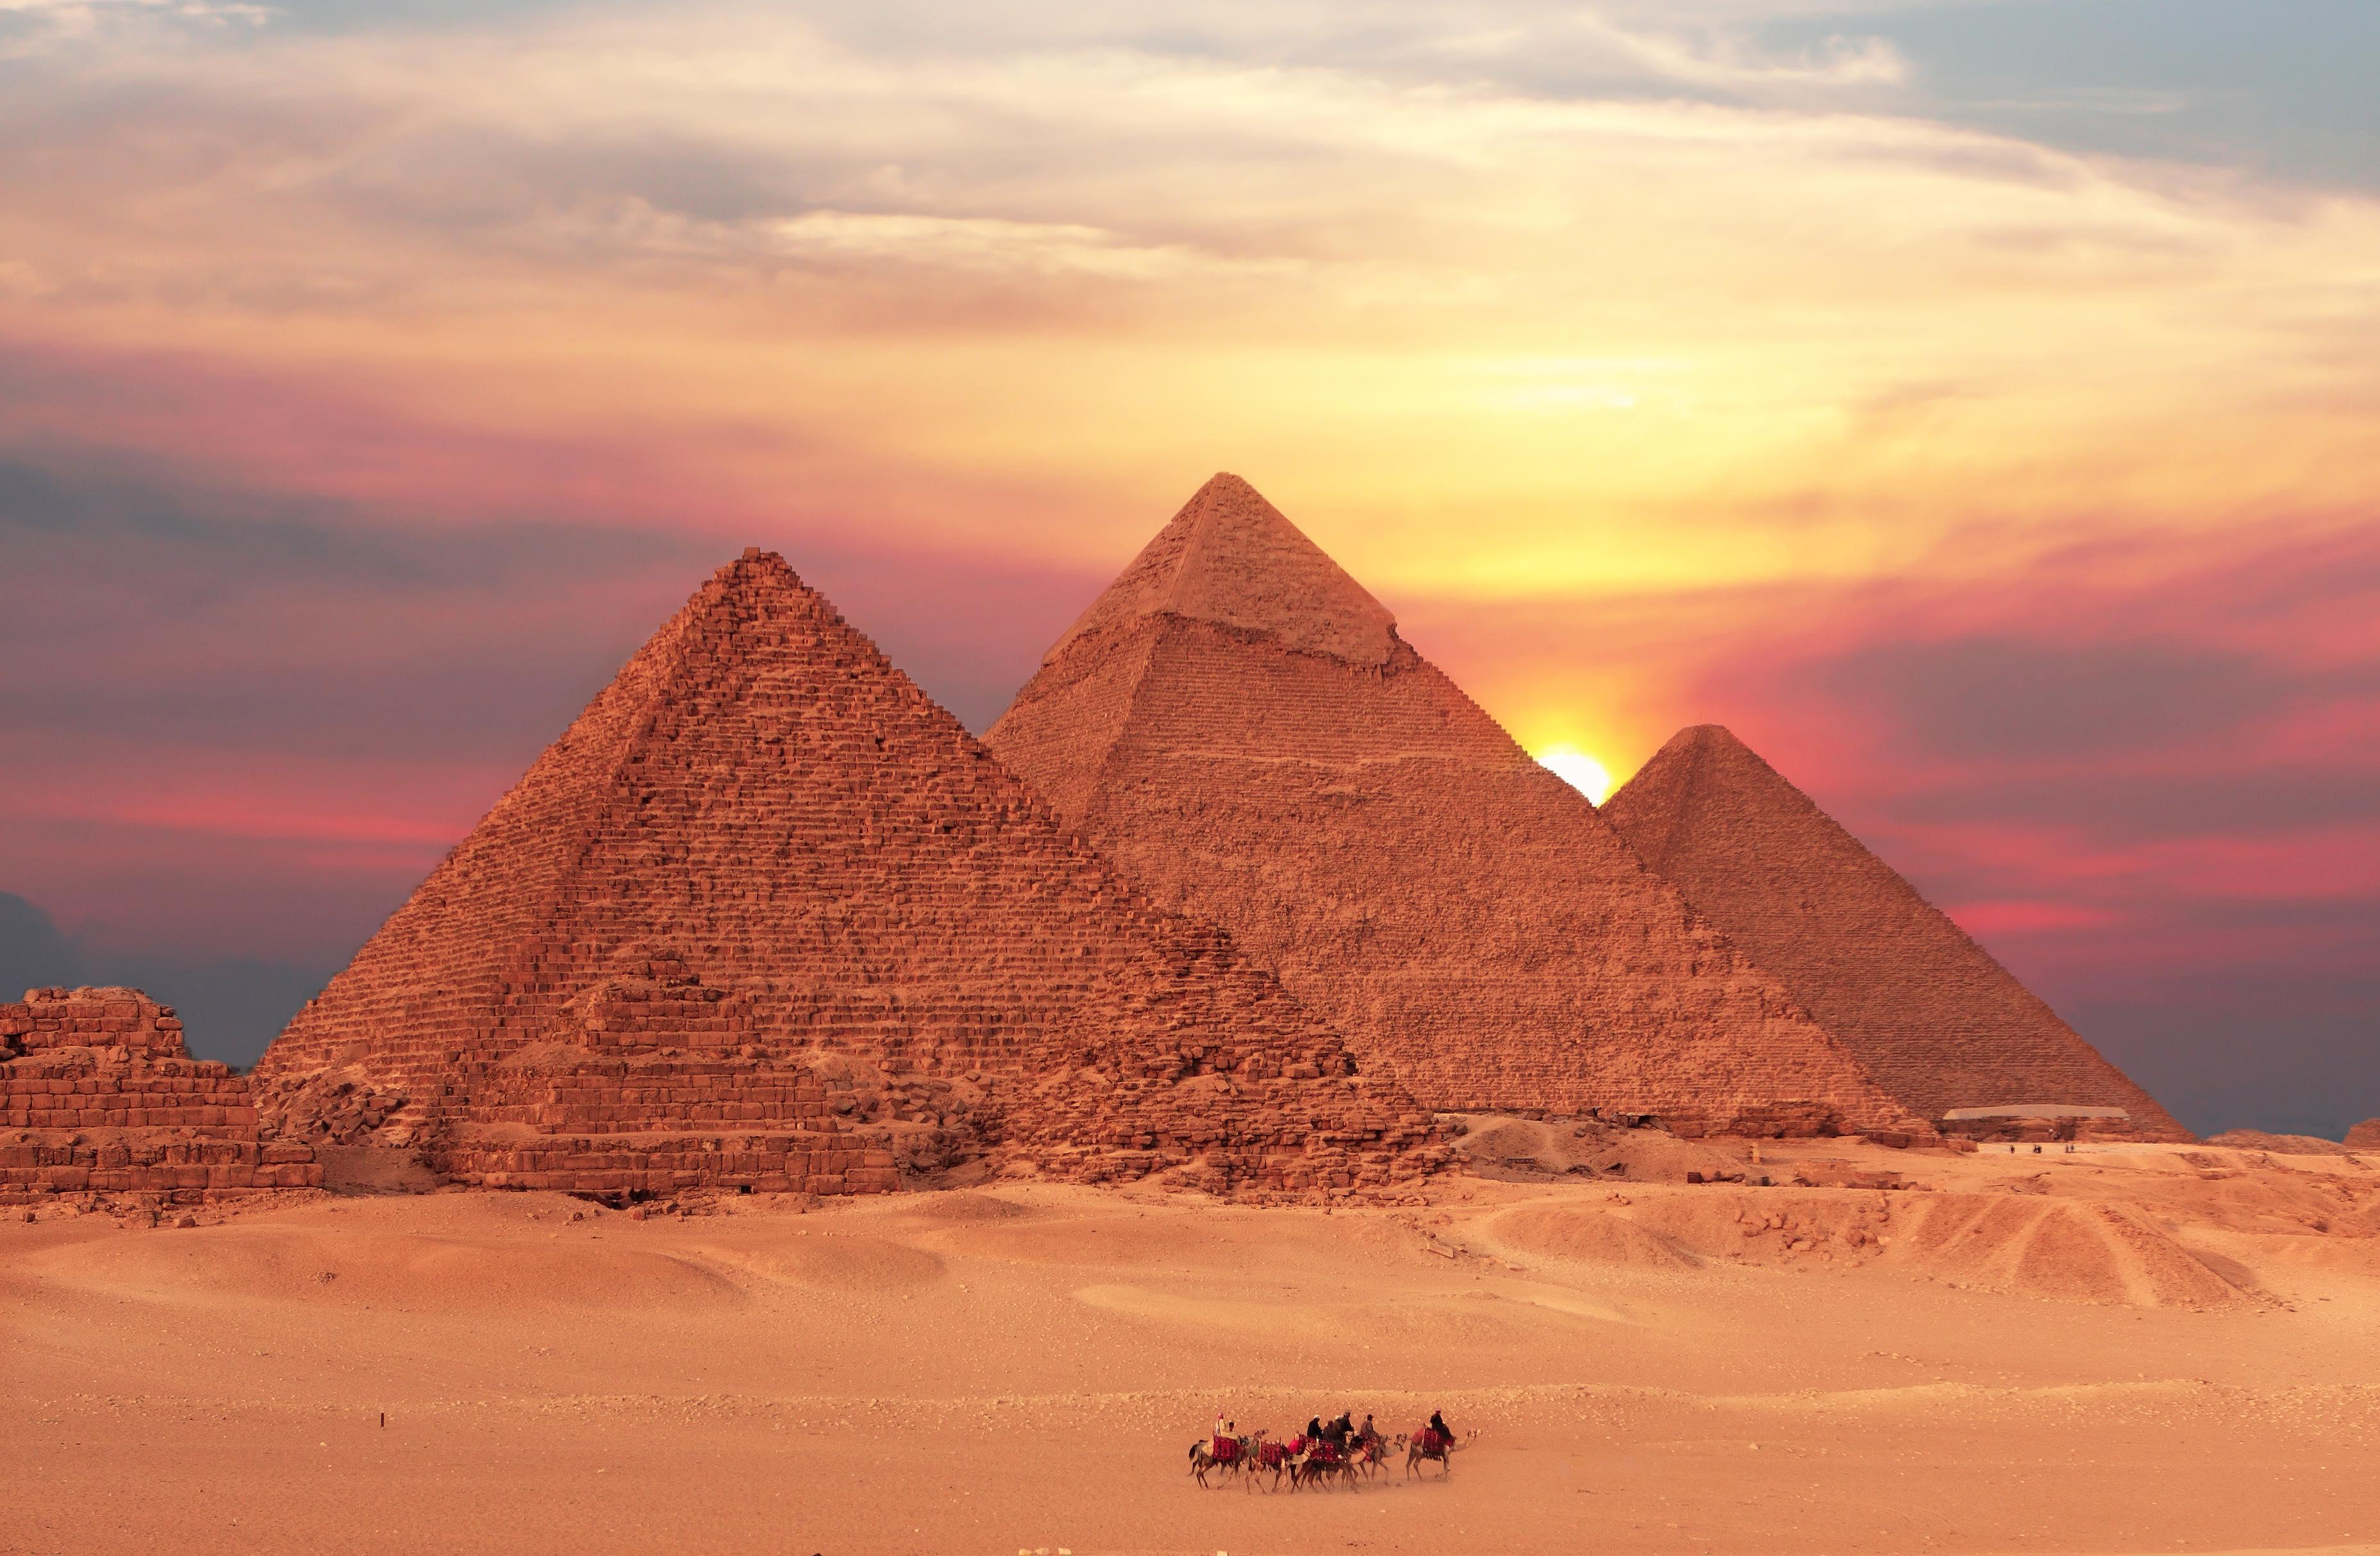 5. Egypt